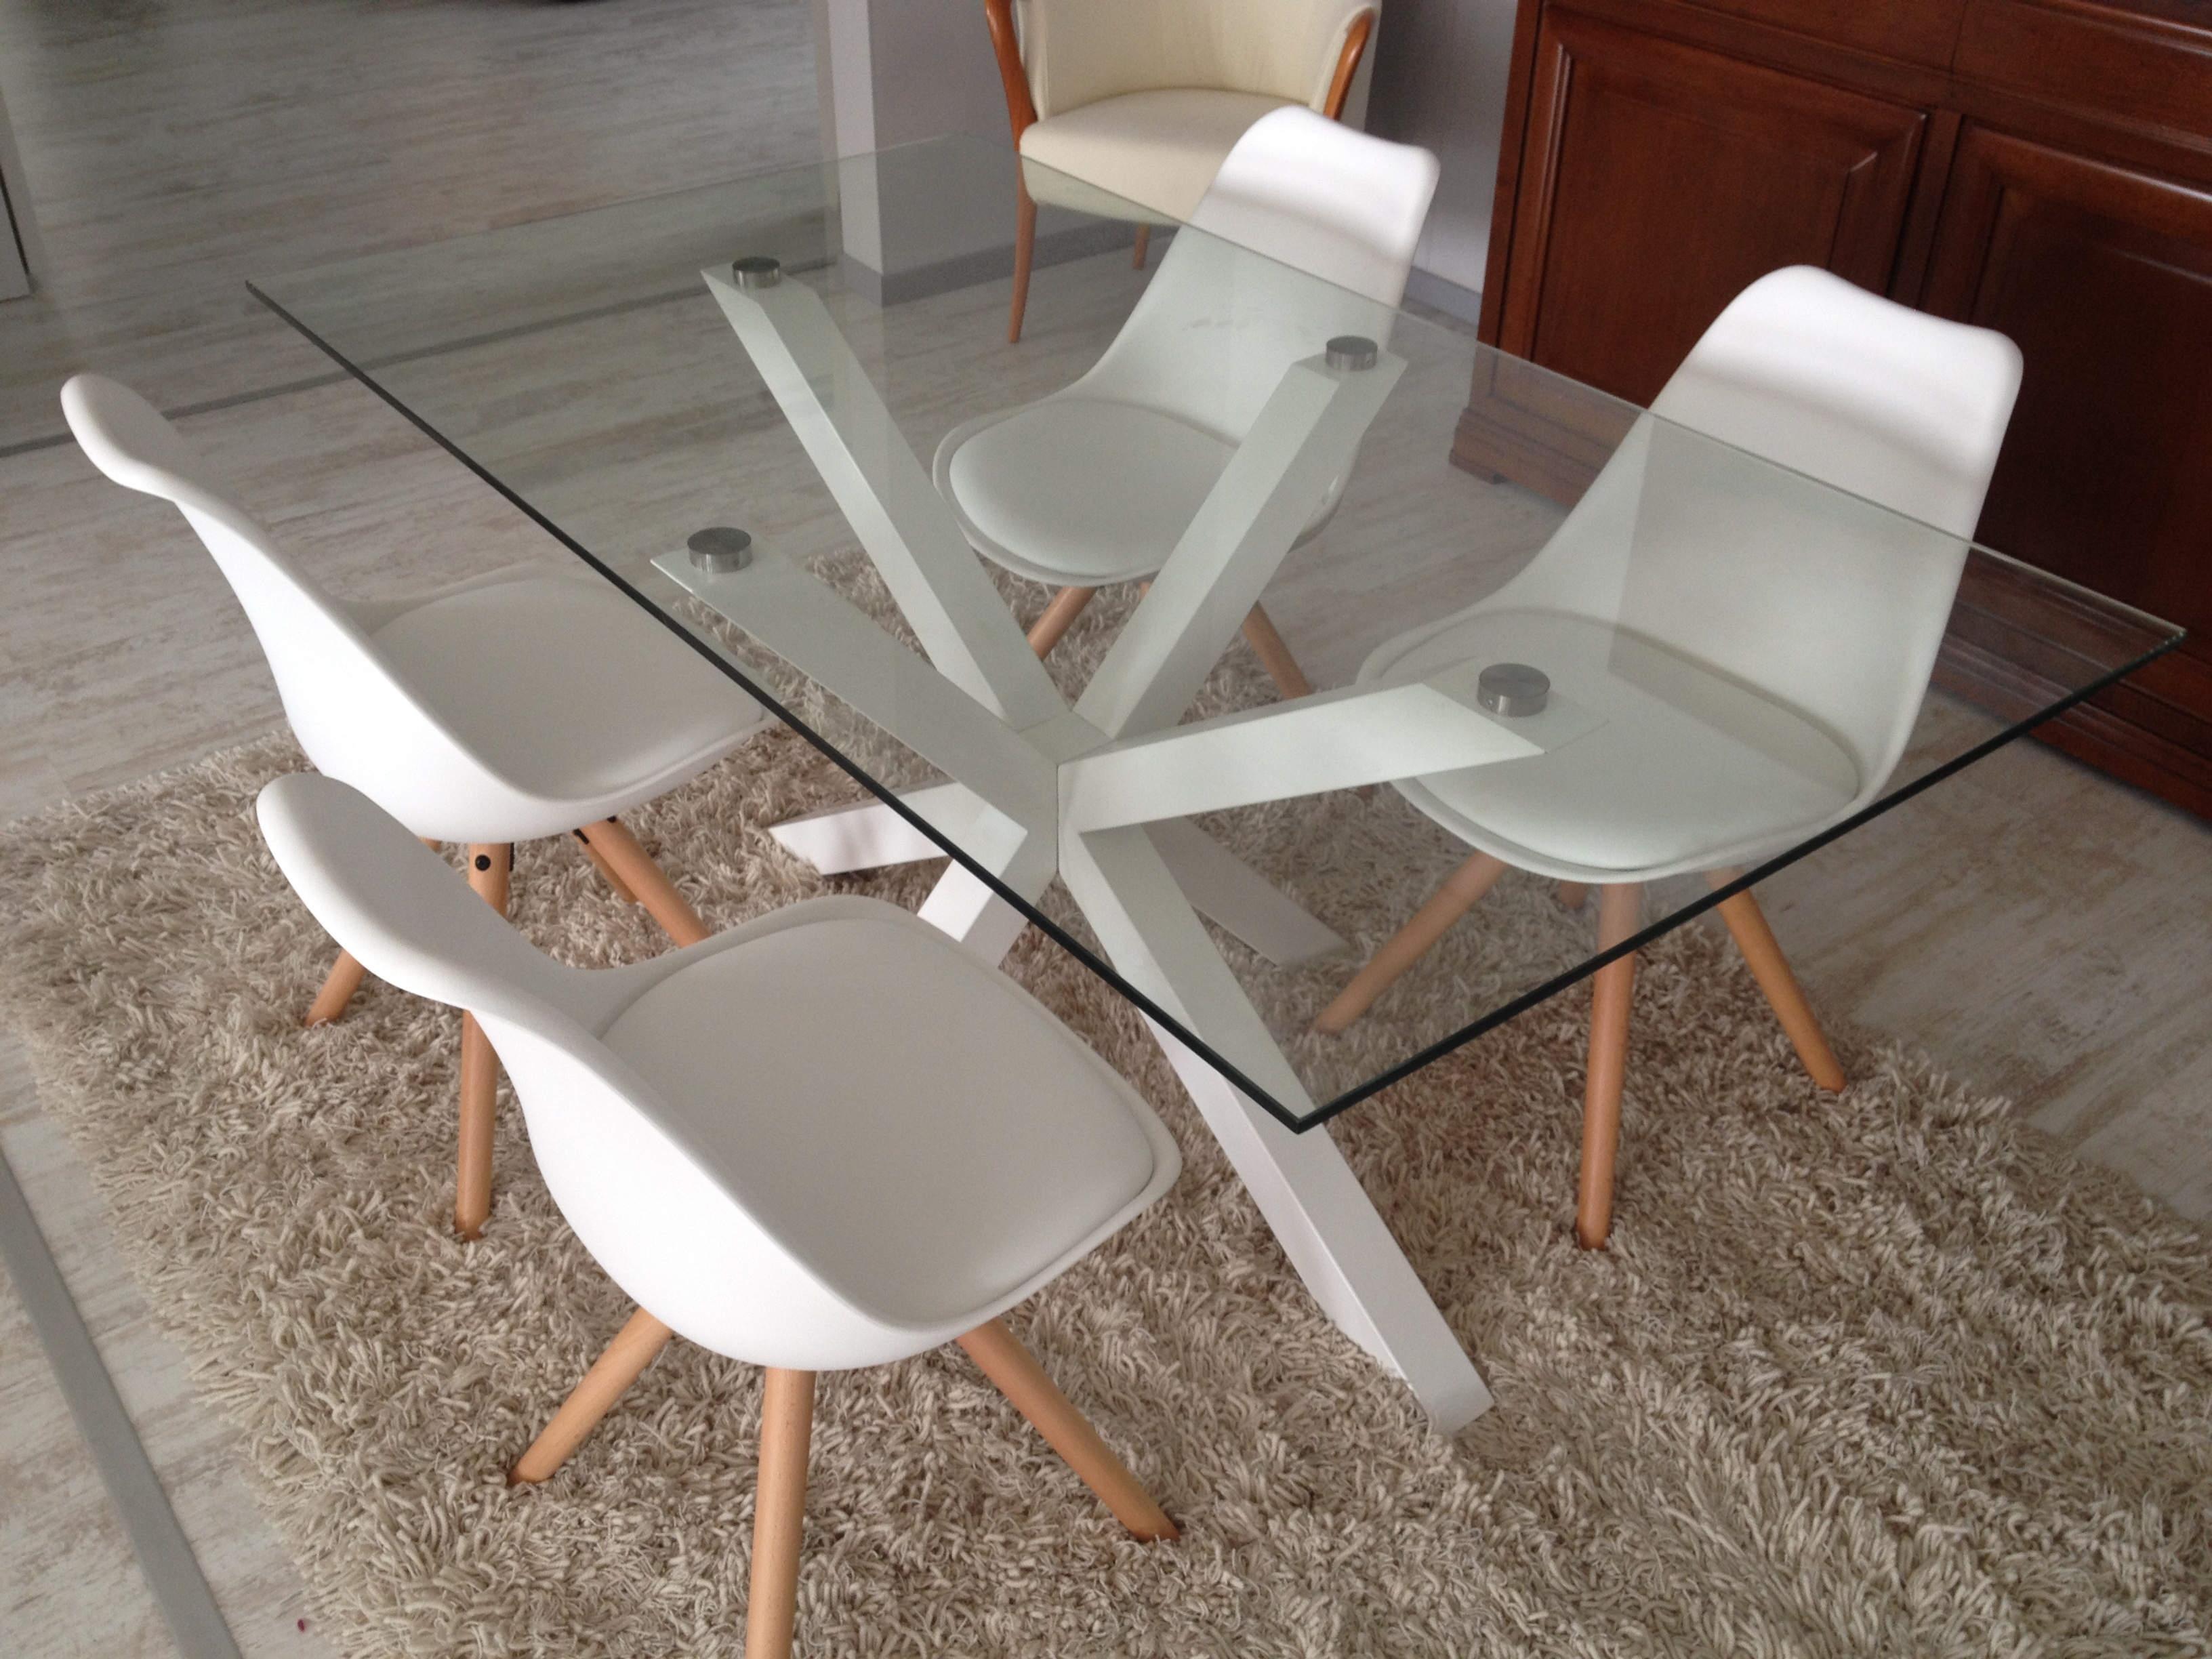 Tavolo in vetro da l 160x90 con sedie bianche 24 for Tavolo consolle con sedie